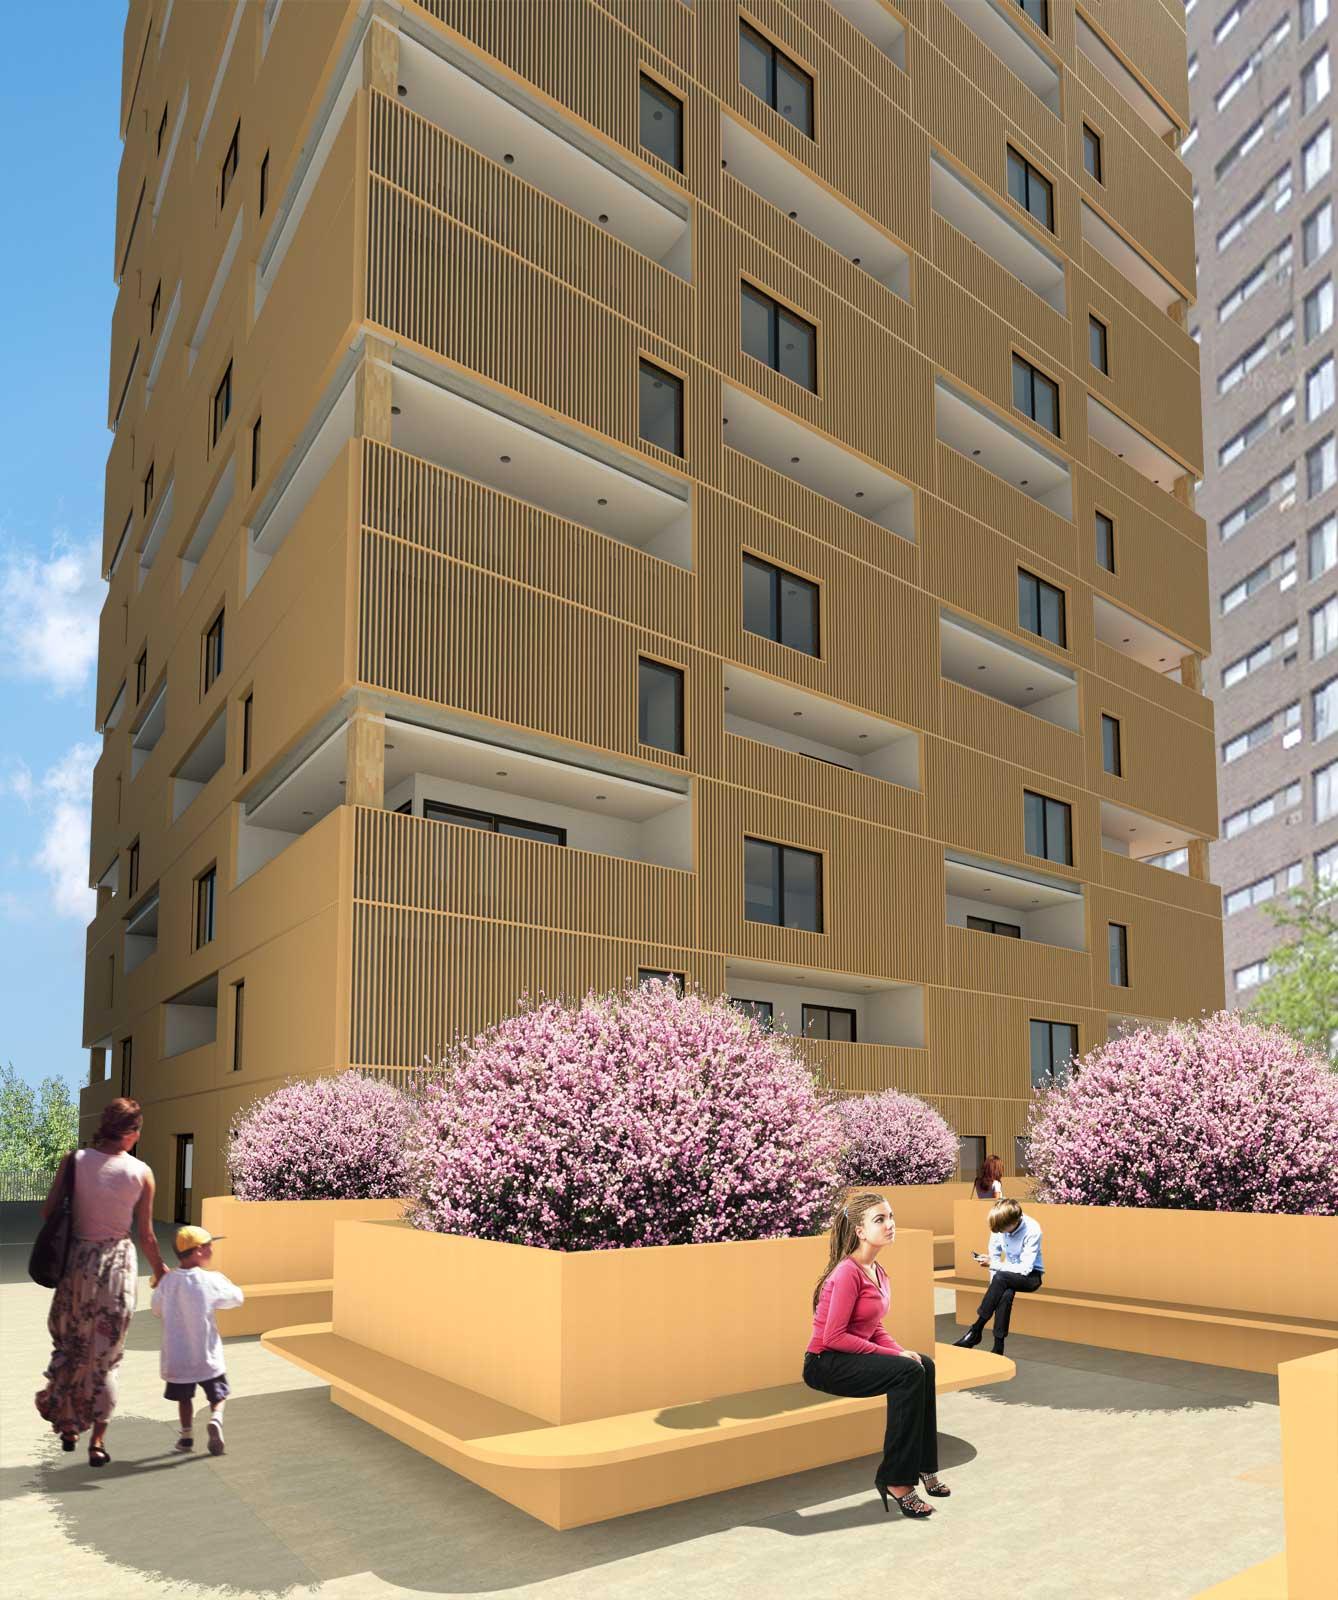 02-Terrace-View.jpg